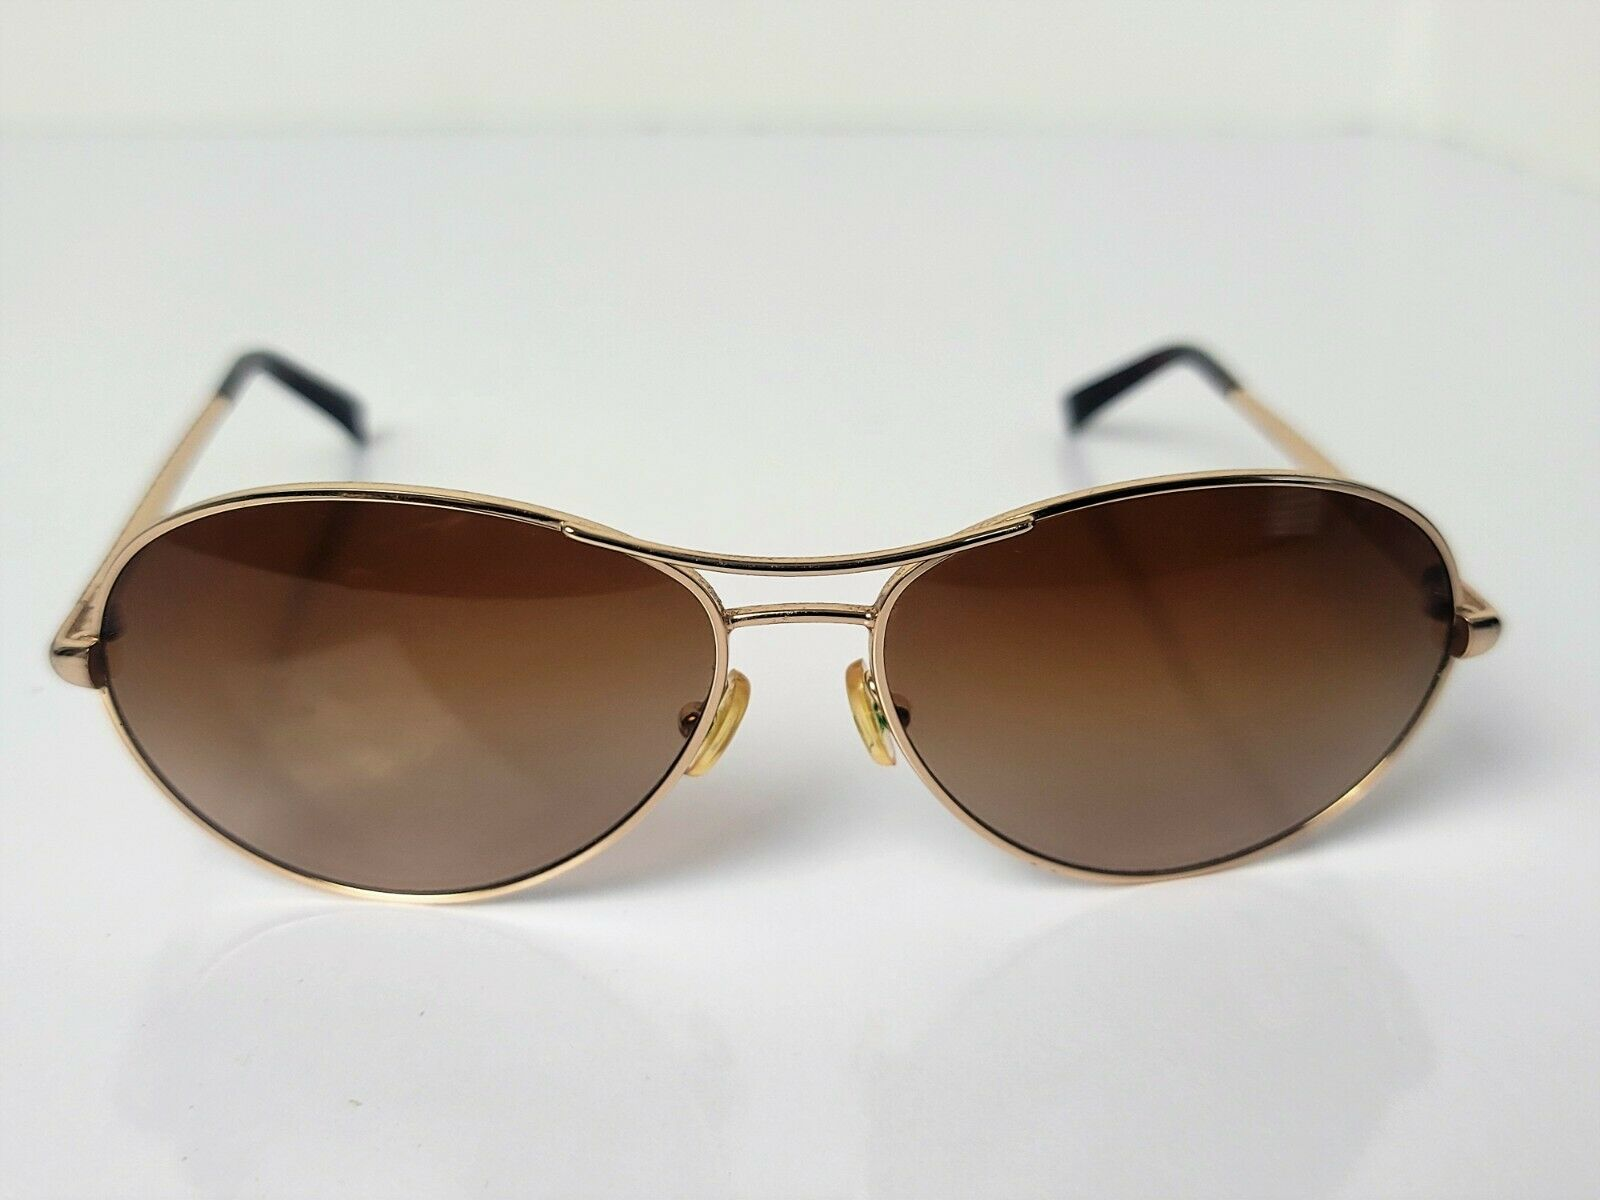 Tory Burch Women's Aviator Sunglasses TY6002 101/8 59 [ ] 14 135 2N